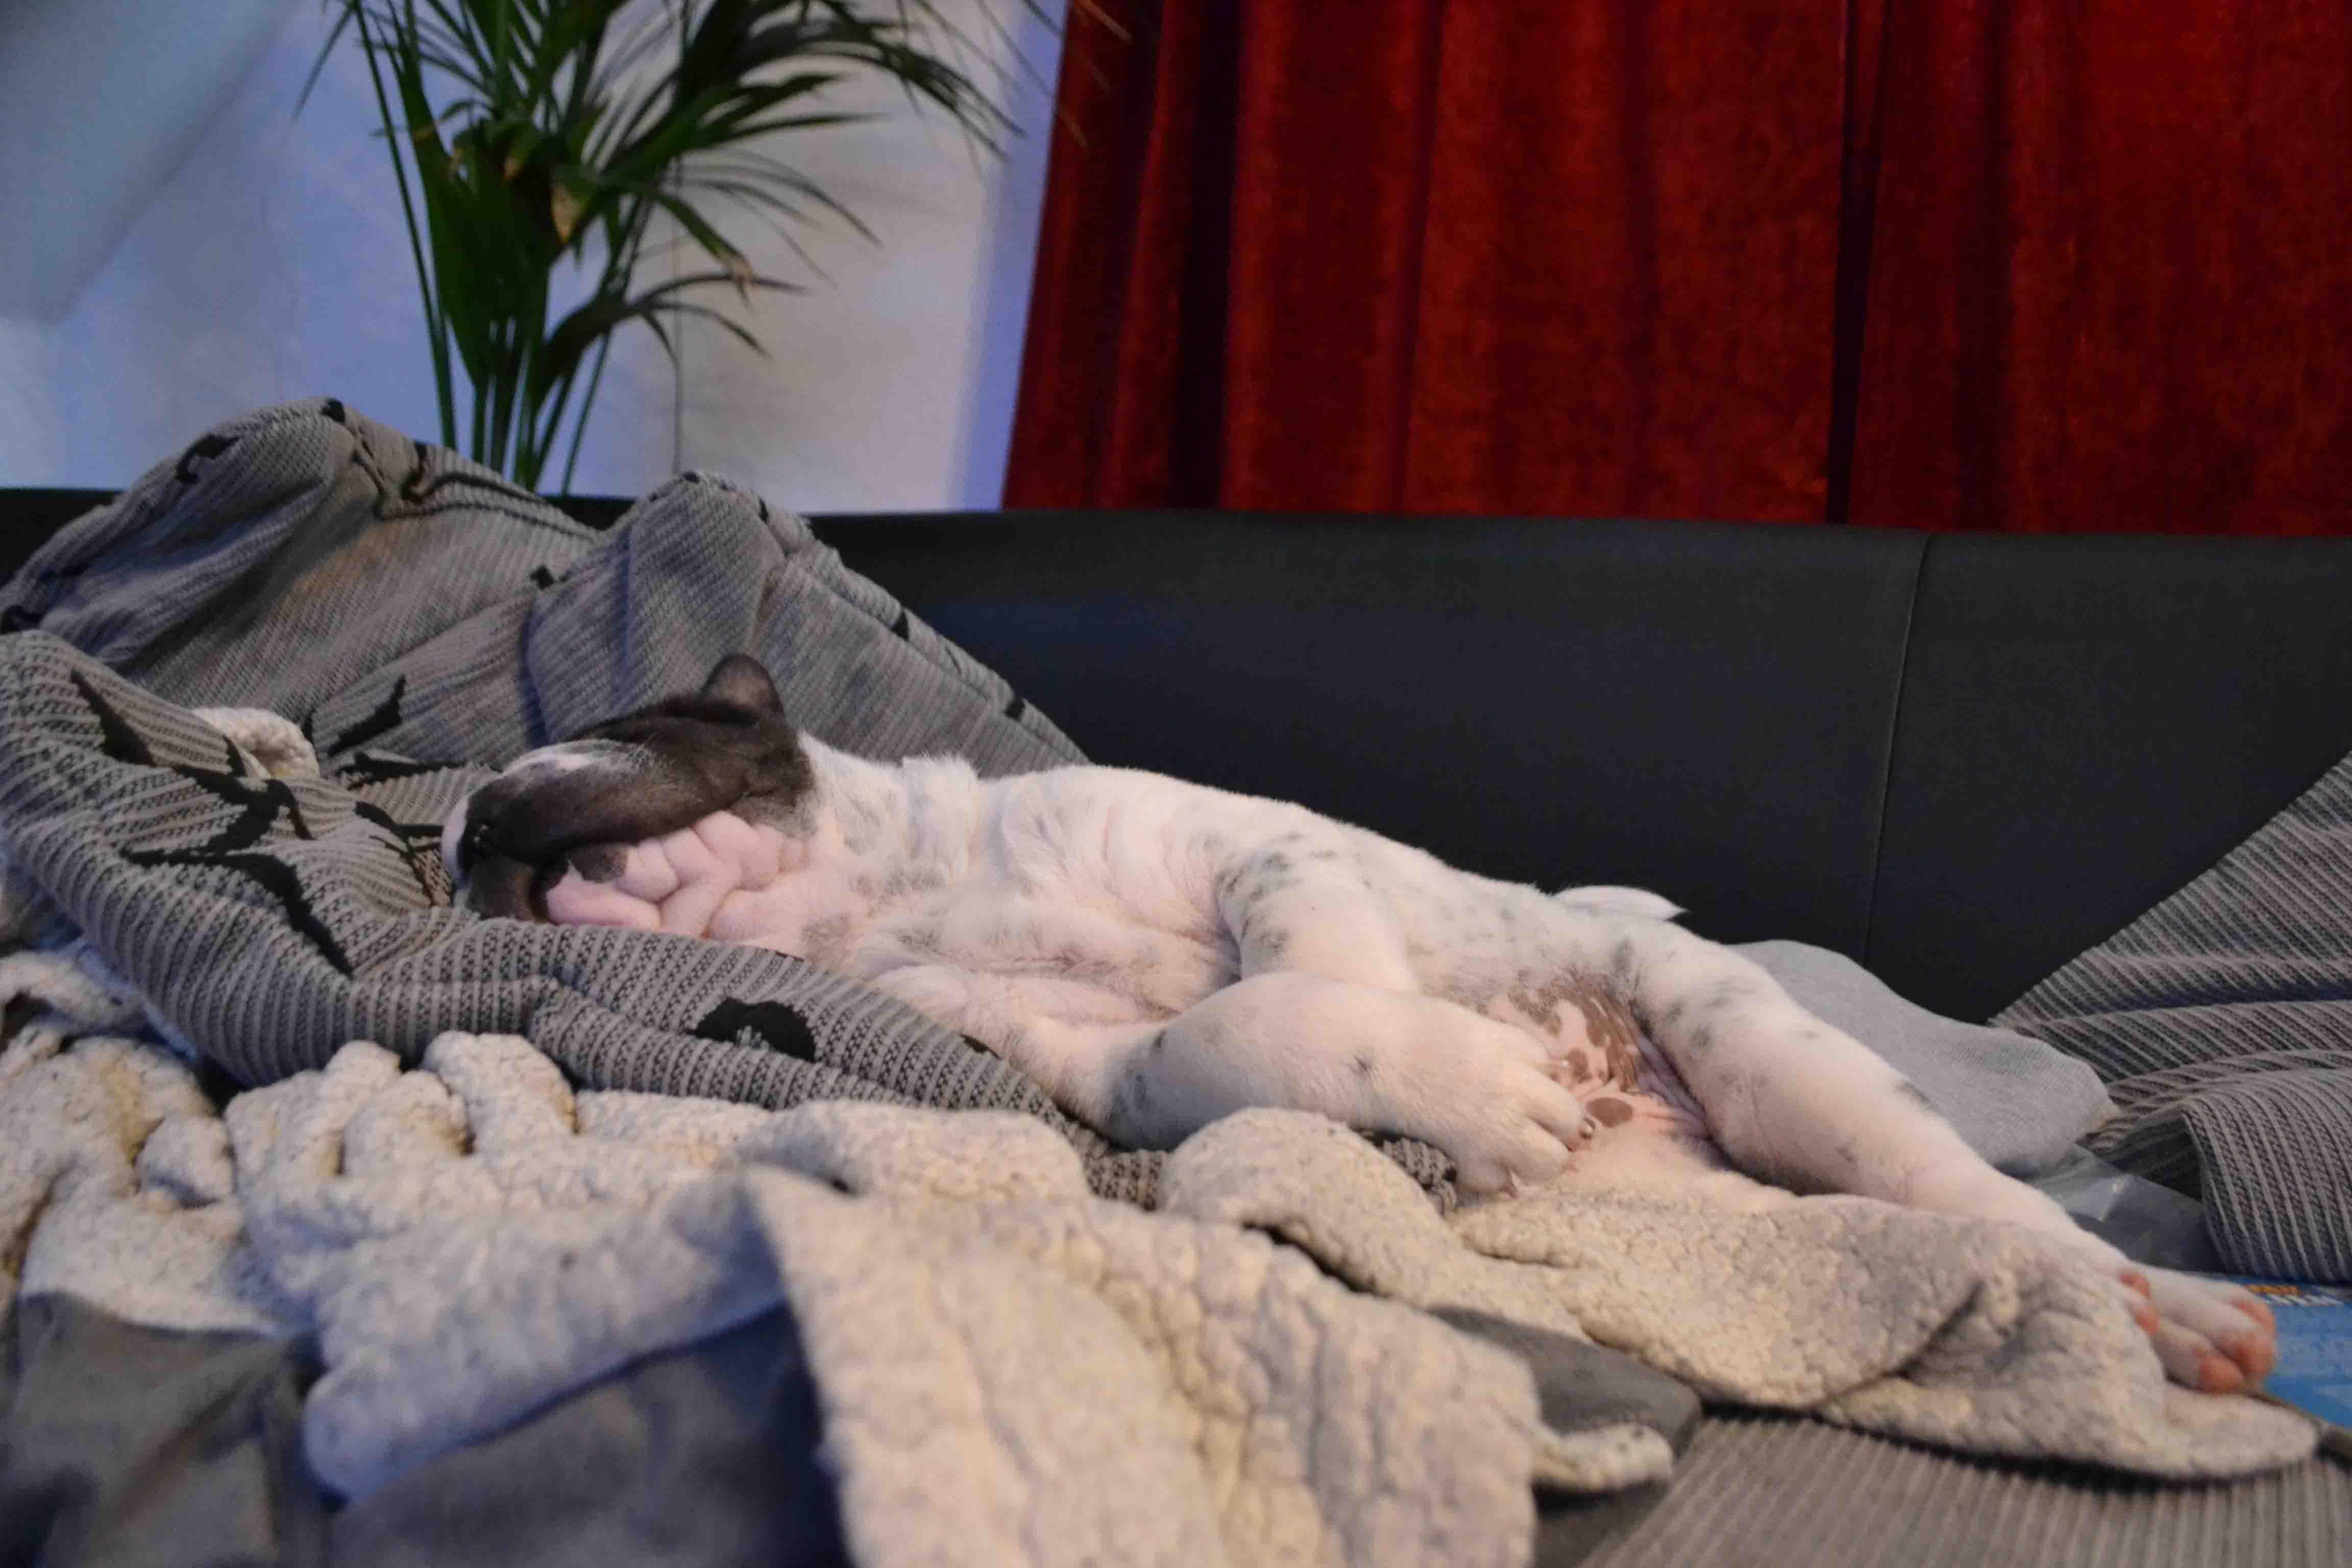 Rabaukenbande Hund Katze Hund Blog Kater Tier Tiere Erfahrung Urlaub Spiele Erziehung Training Shar Pei Futter Gesundheit dog welpe schlafen zucker schock